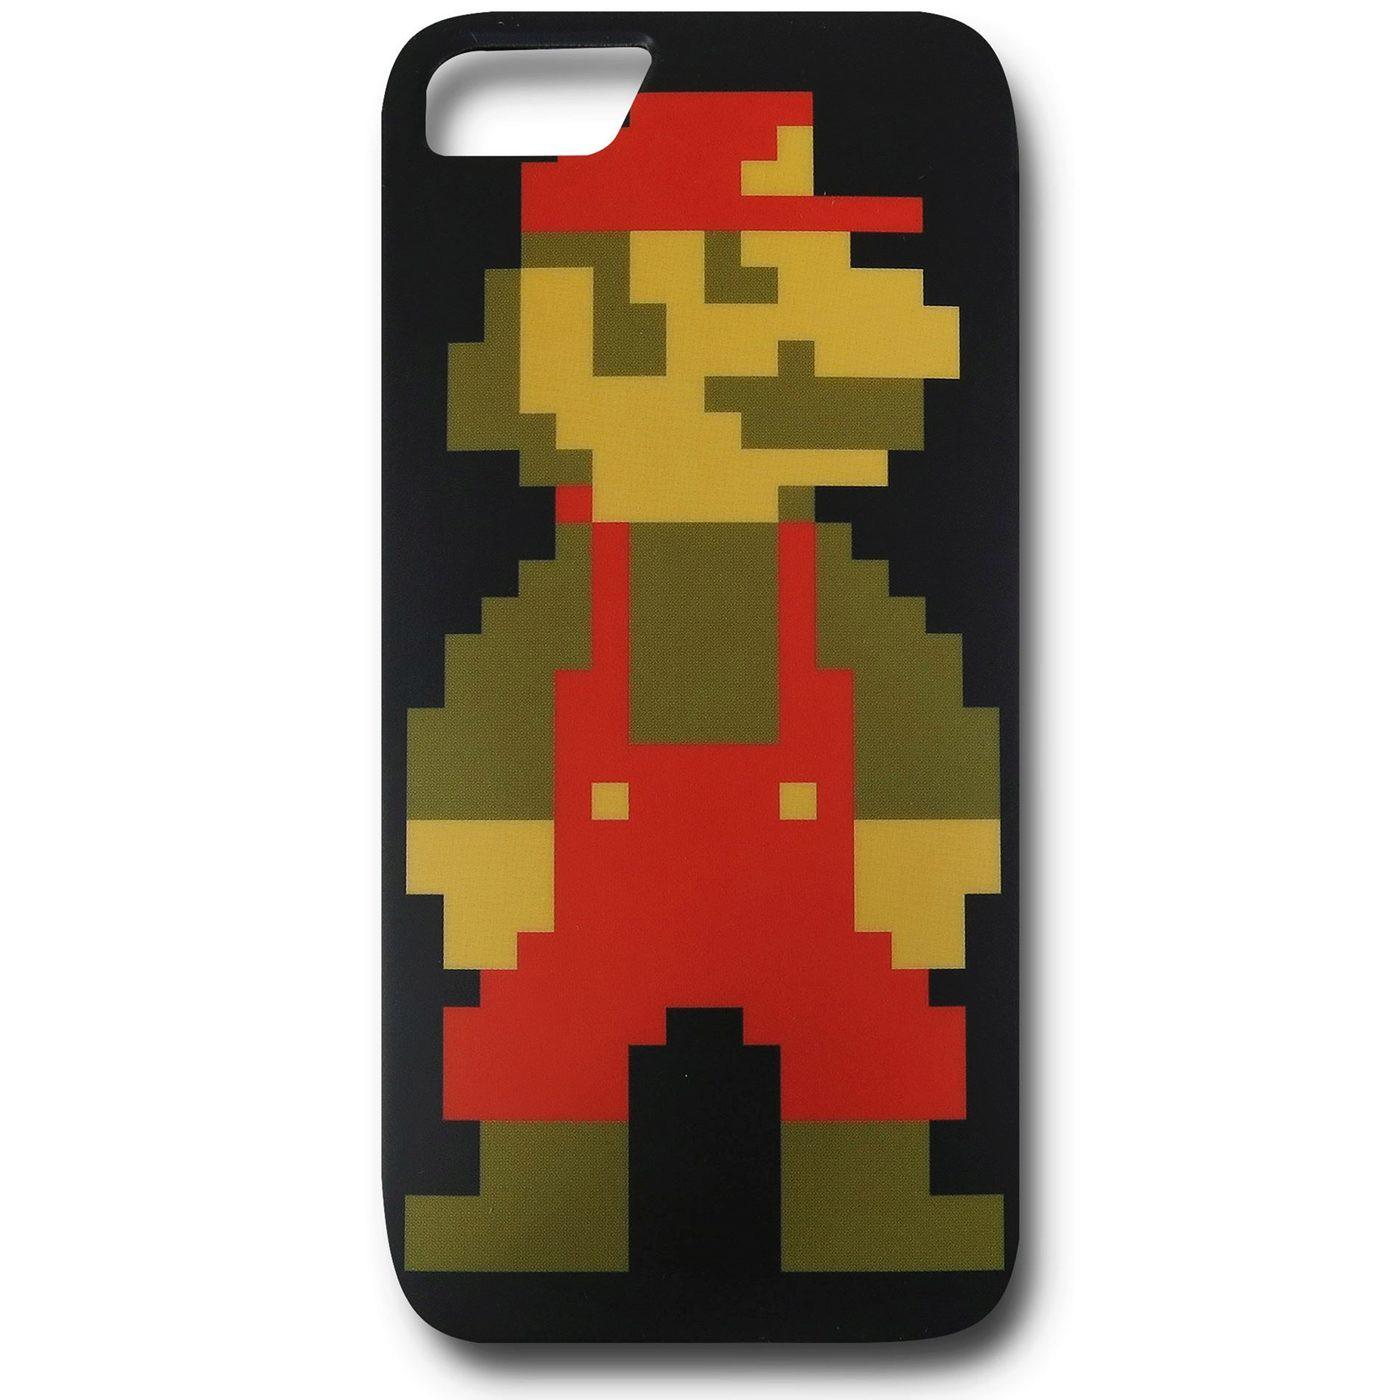 Nintendo Big Mario iPhone 5 Case